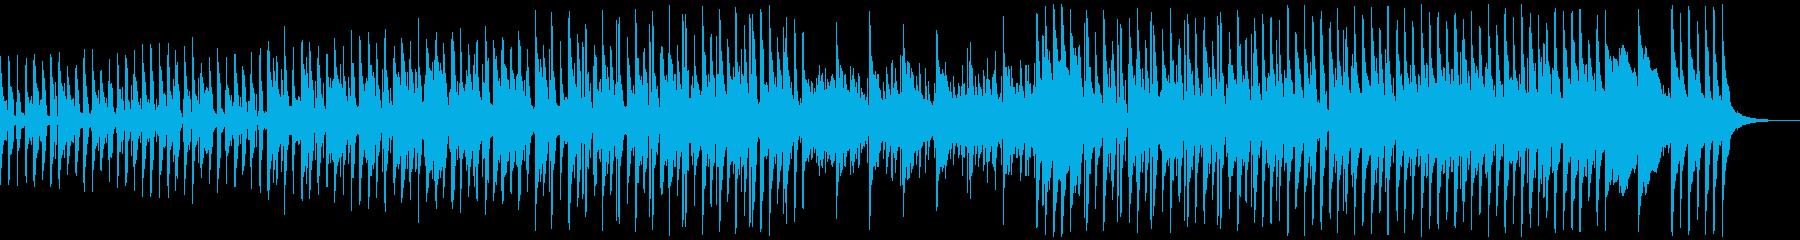 ポップ ロック アンビエント 民謡...の再生済みの波形